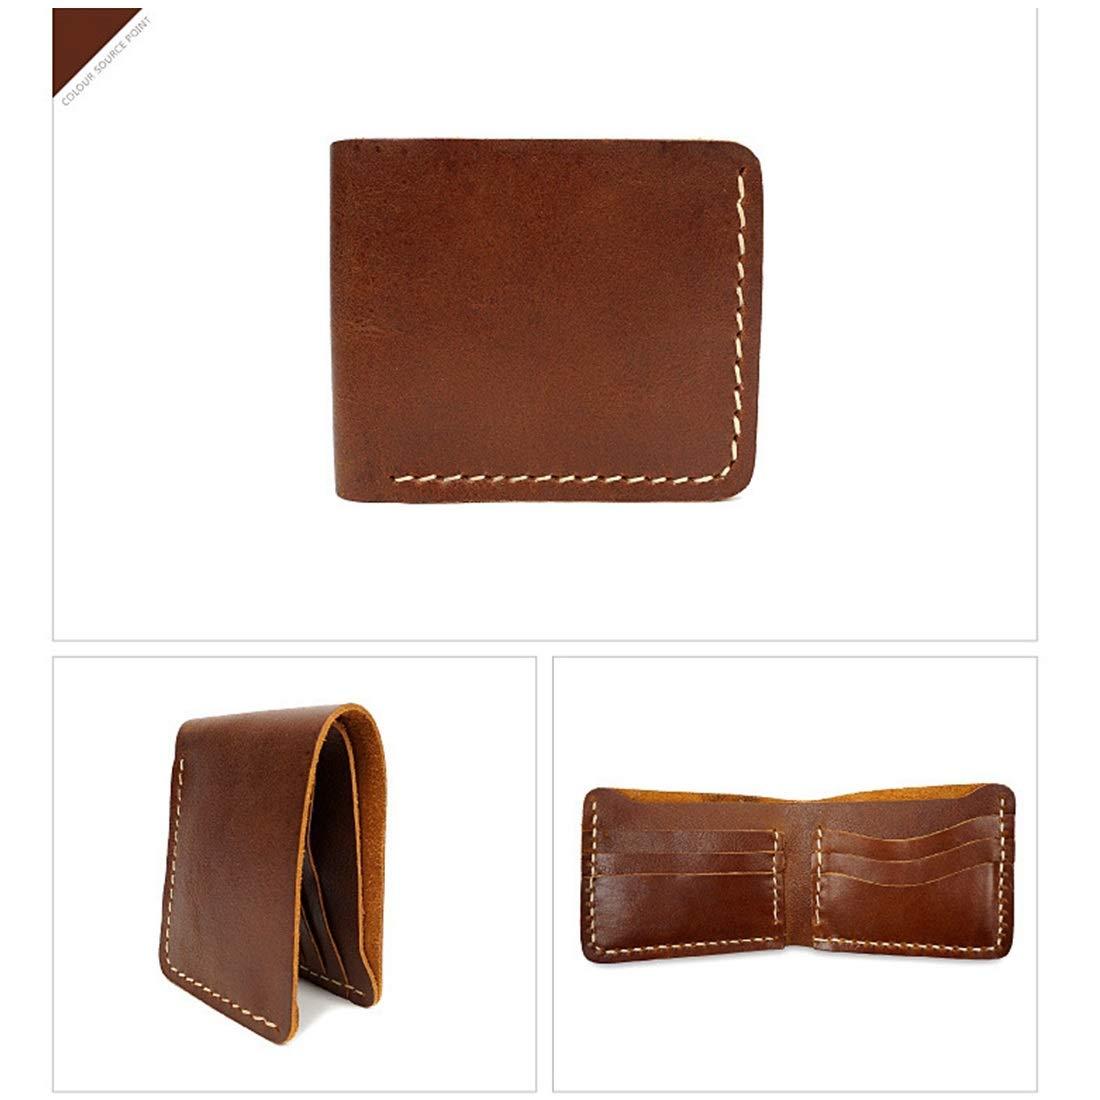 Sixminyo Männer Männer Männer echtes Leder Brieftasche RFID Blocking Bifold ID Brieftasche Schlank Krotitkarteninhaber Minimalist (Farbe   braun2) B07NXRTZP6 Geldbrsen 3fd8a1